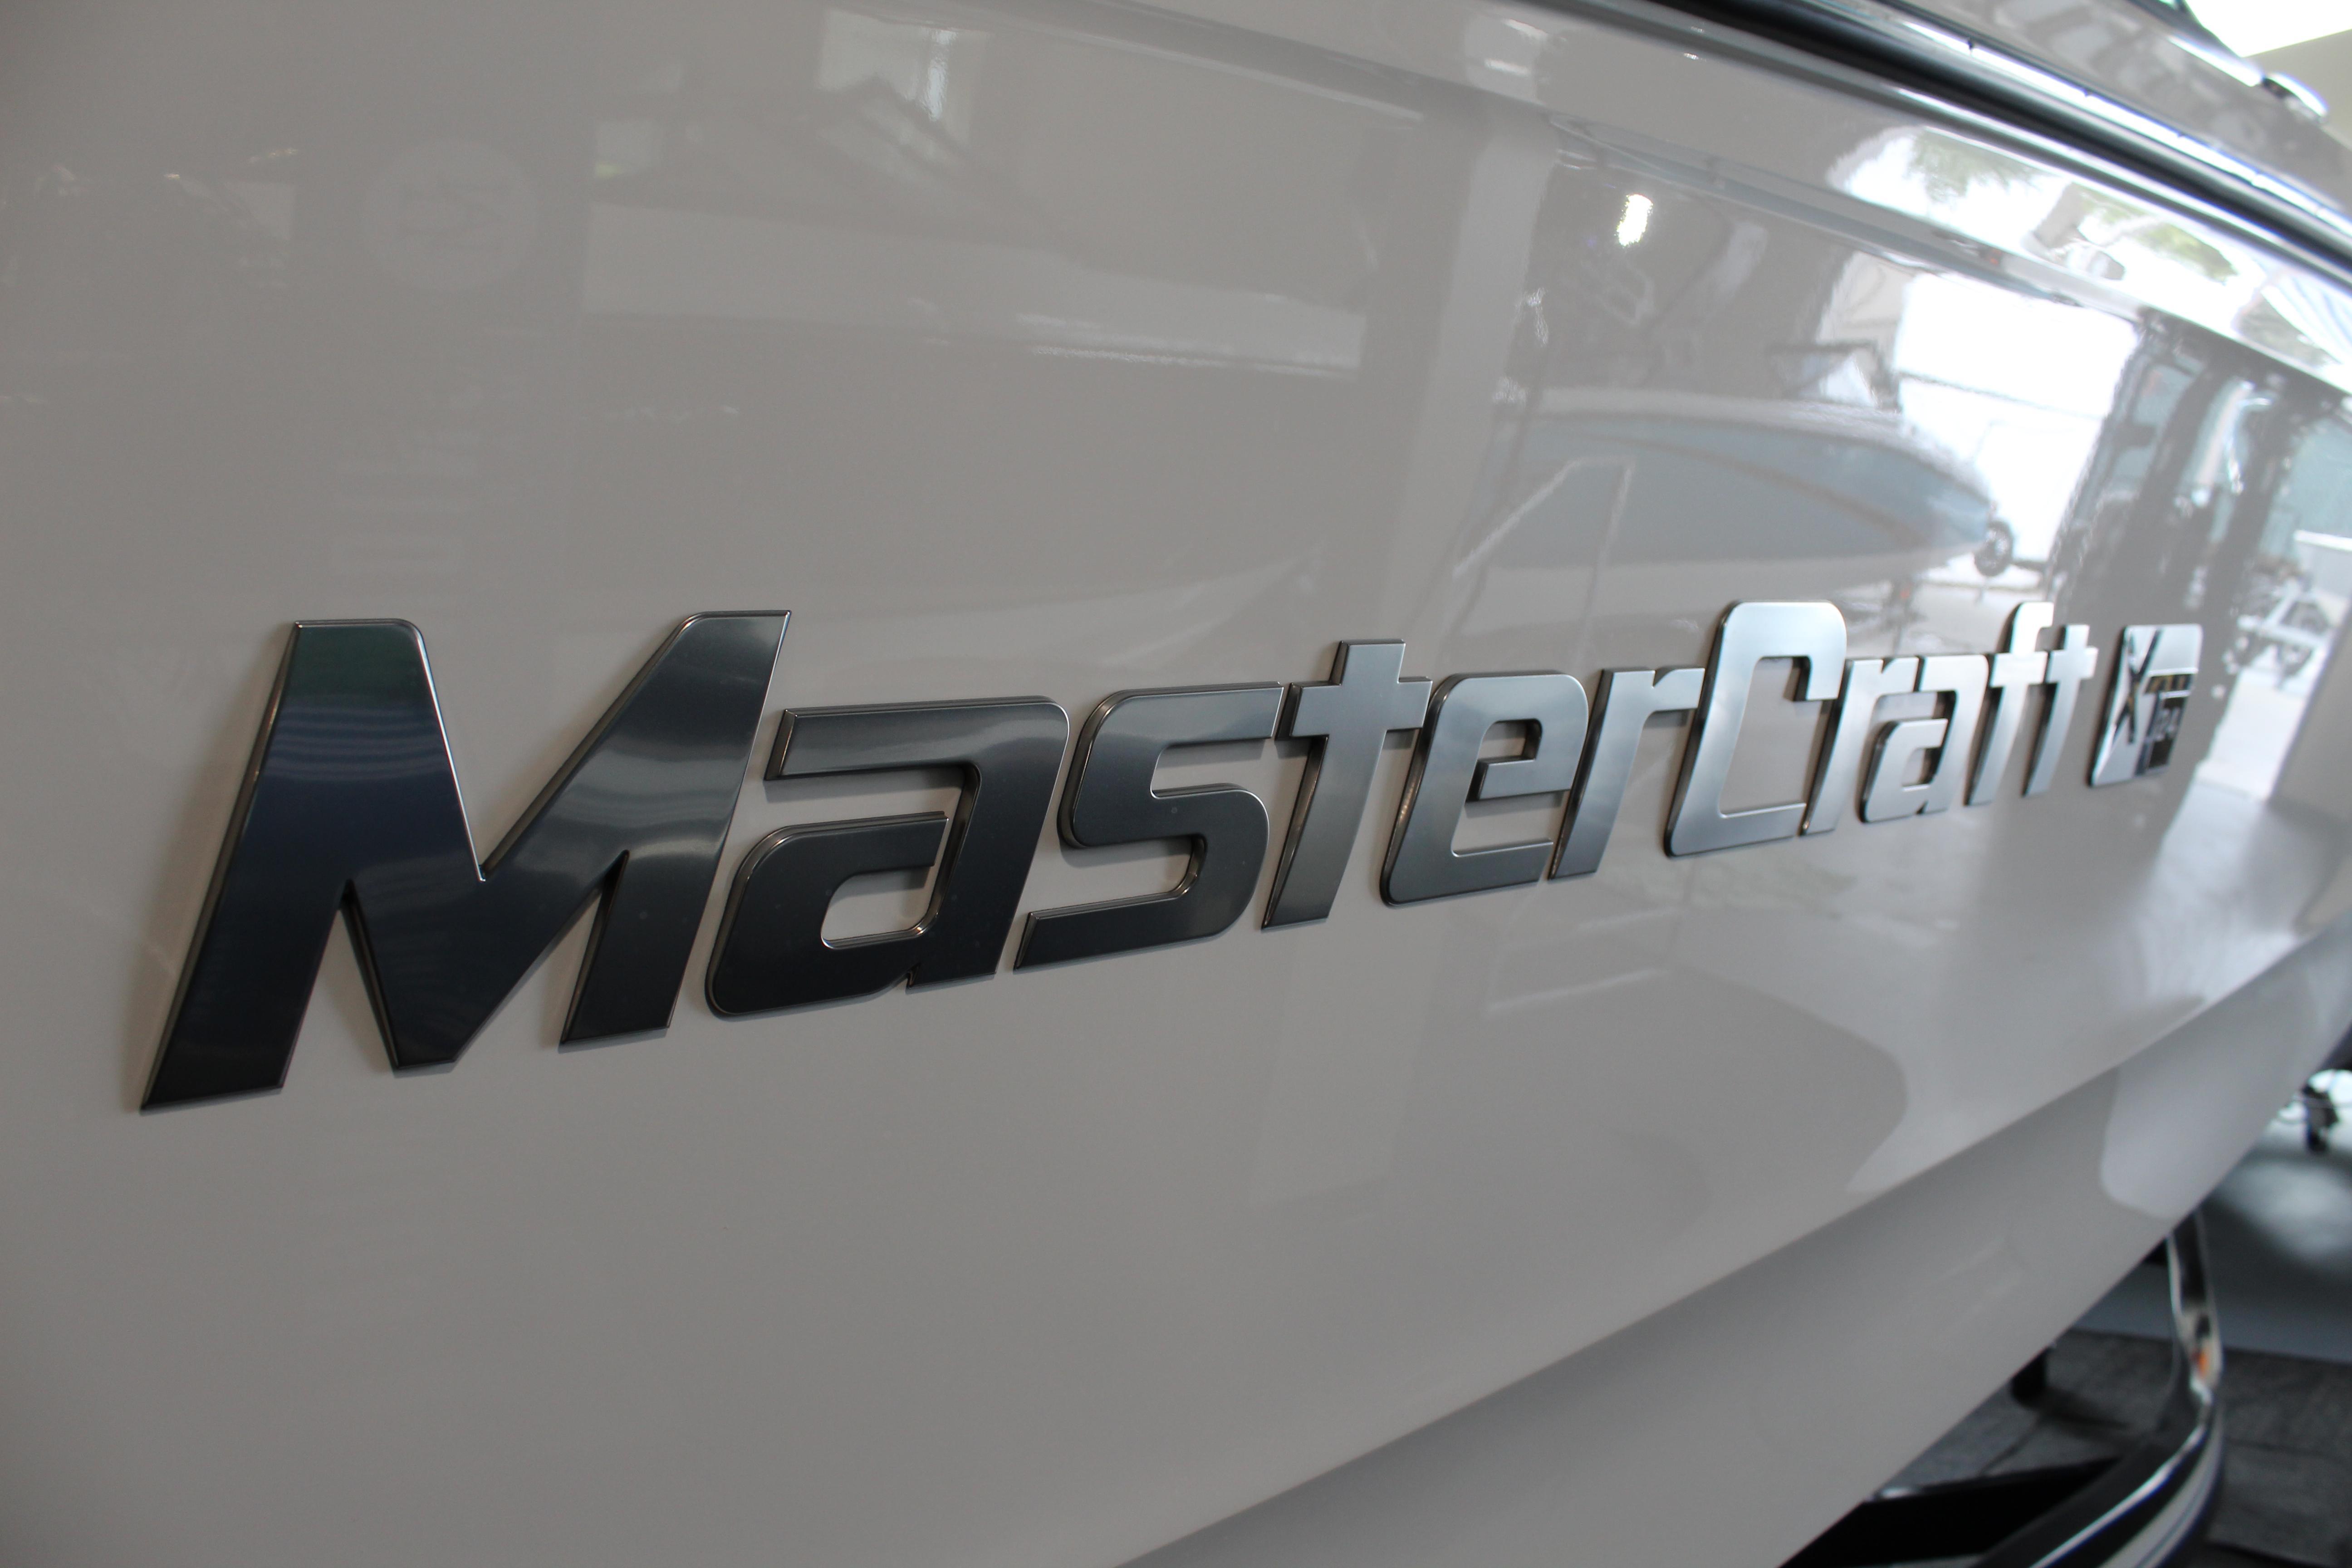 2022 Mastercraft XT24